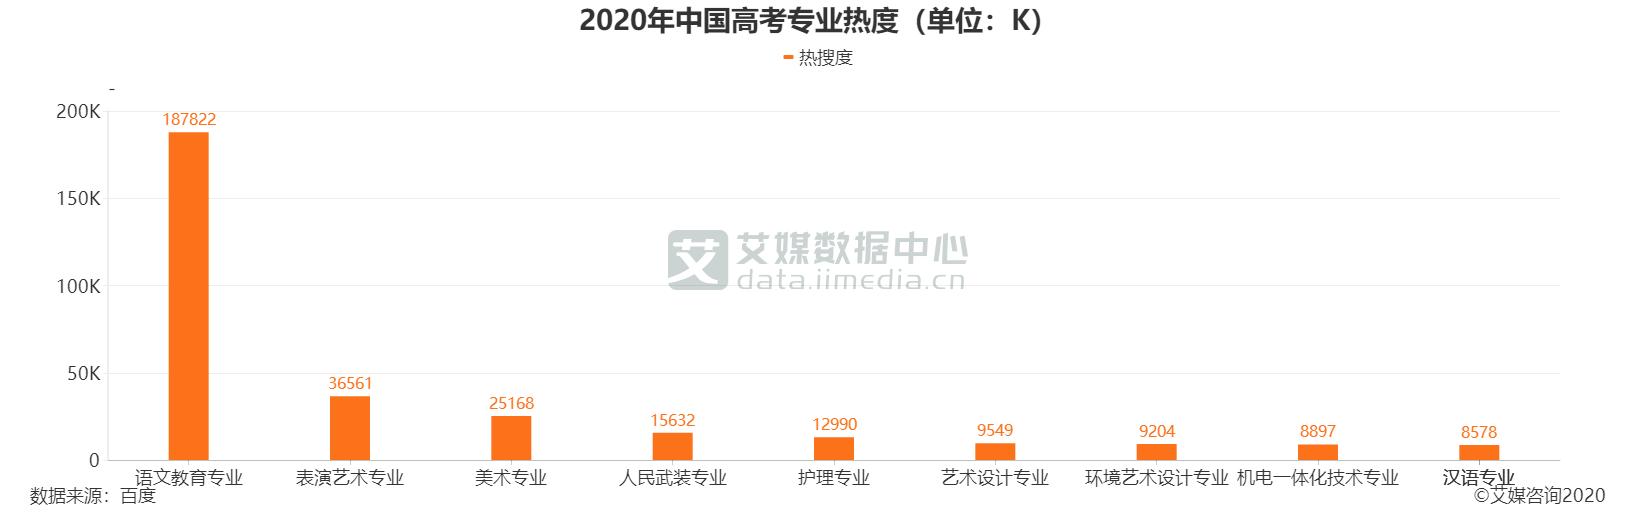 2020年中国高考专业热度(单位:K)